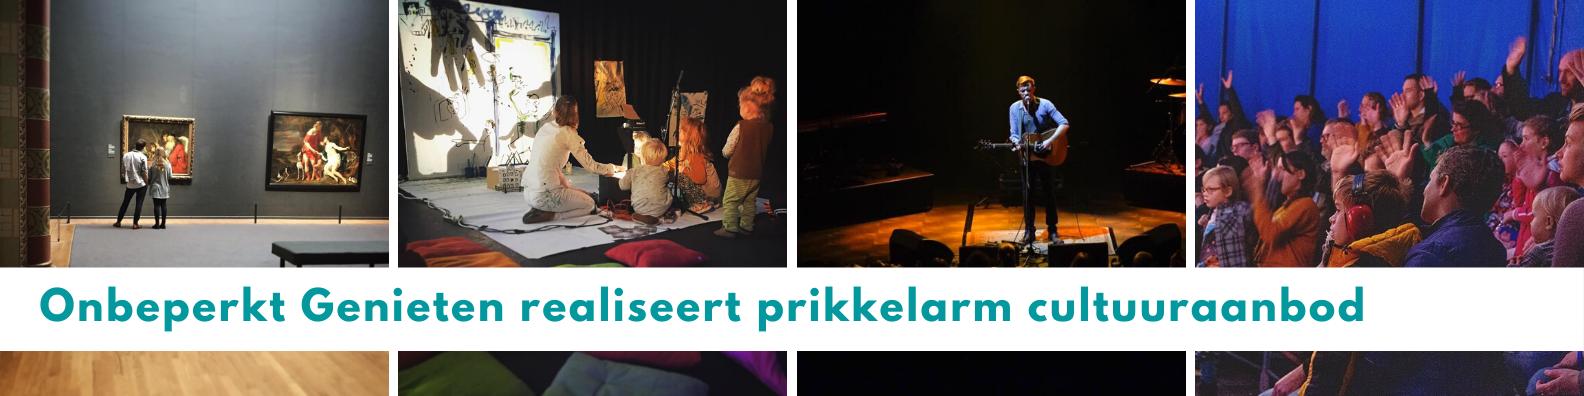 Onbeperkt Genieten realiseert prikkelarm cultuuraanbod in Nederland